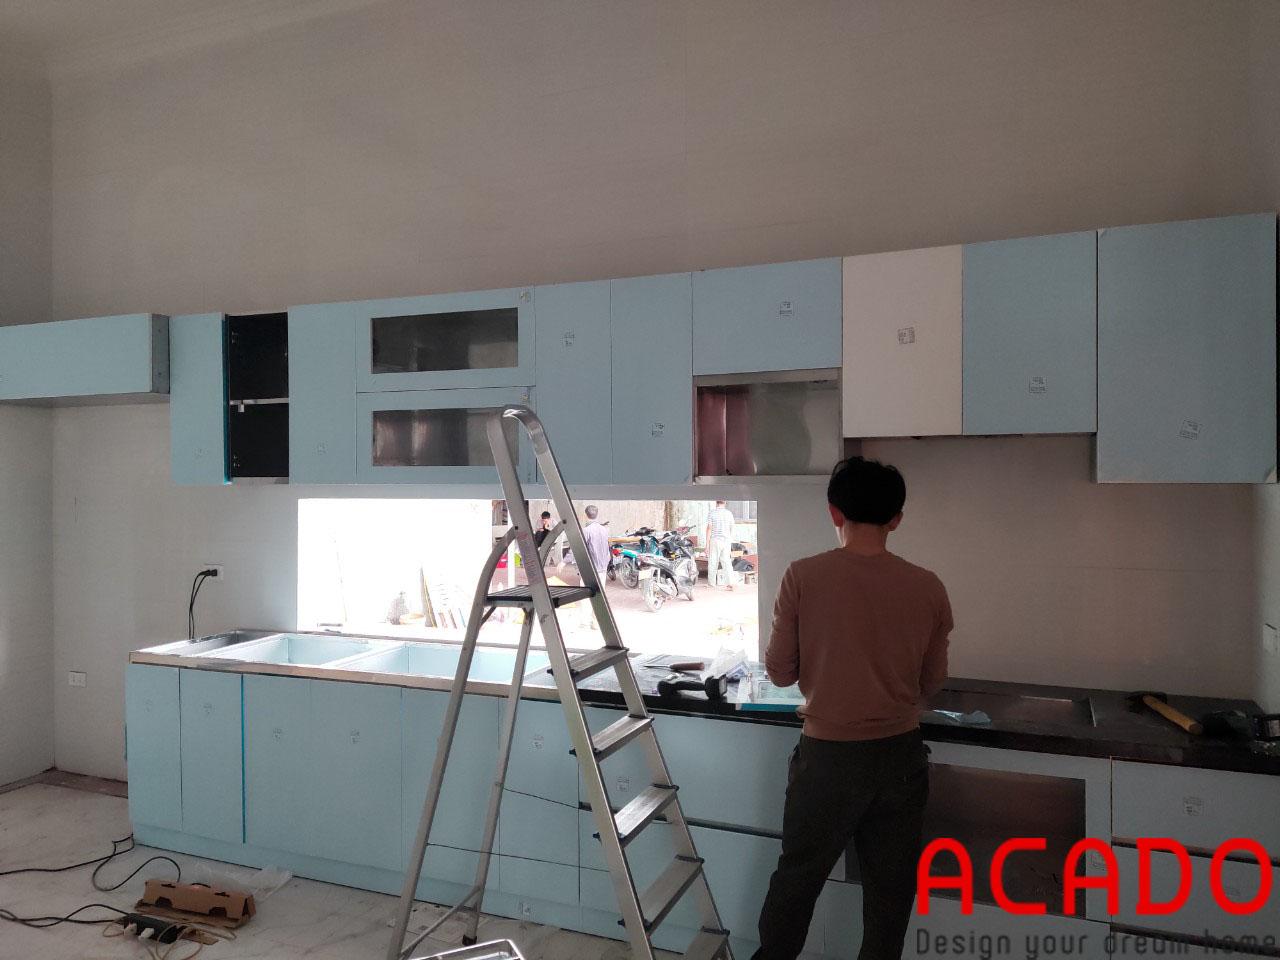 Đội ngũ thi công dày dặn kinh nghiệm mang tới khách hàng những sản phẩm tuyệt vời - Thi công tủ bếp tại Bắc Giang